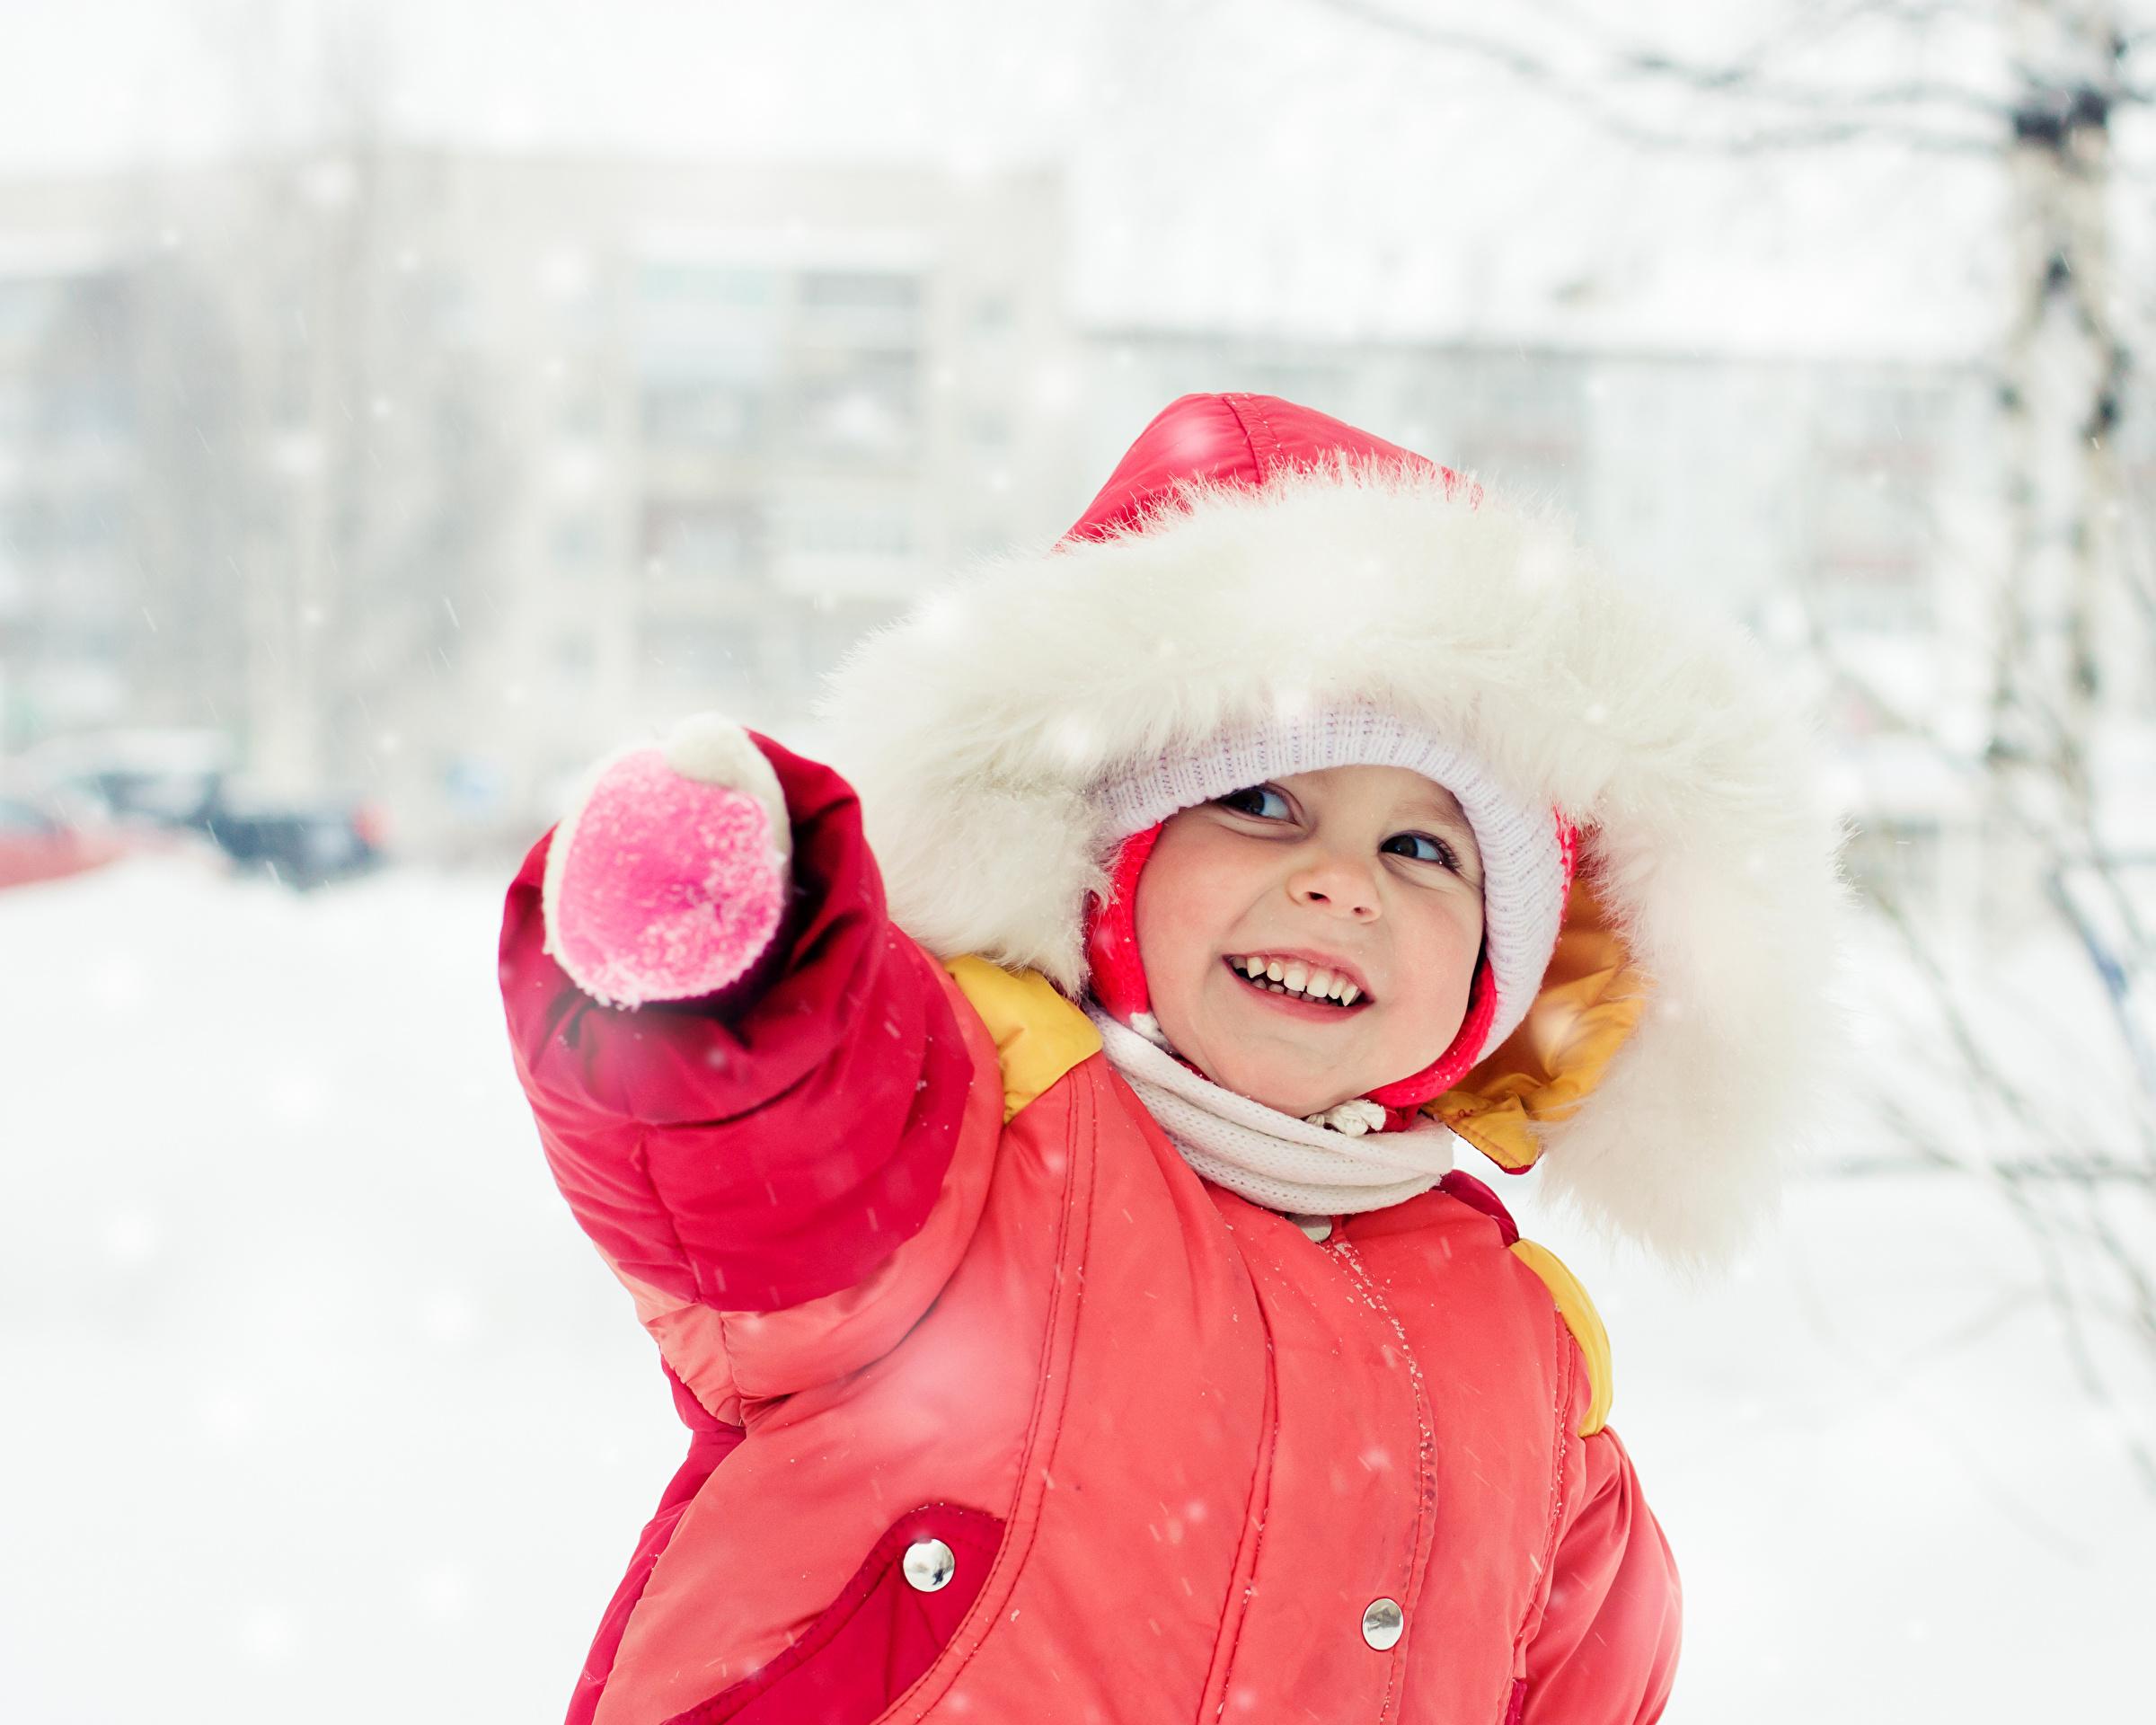 зима улыбается картинки продается черном сером